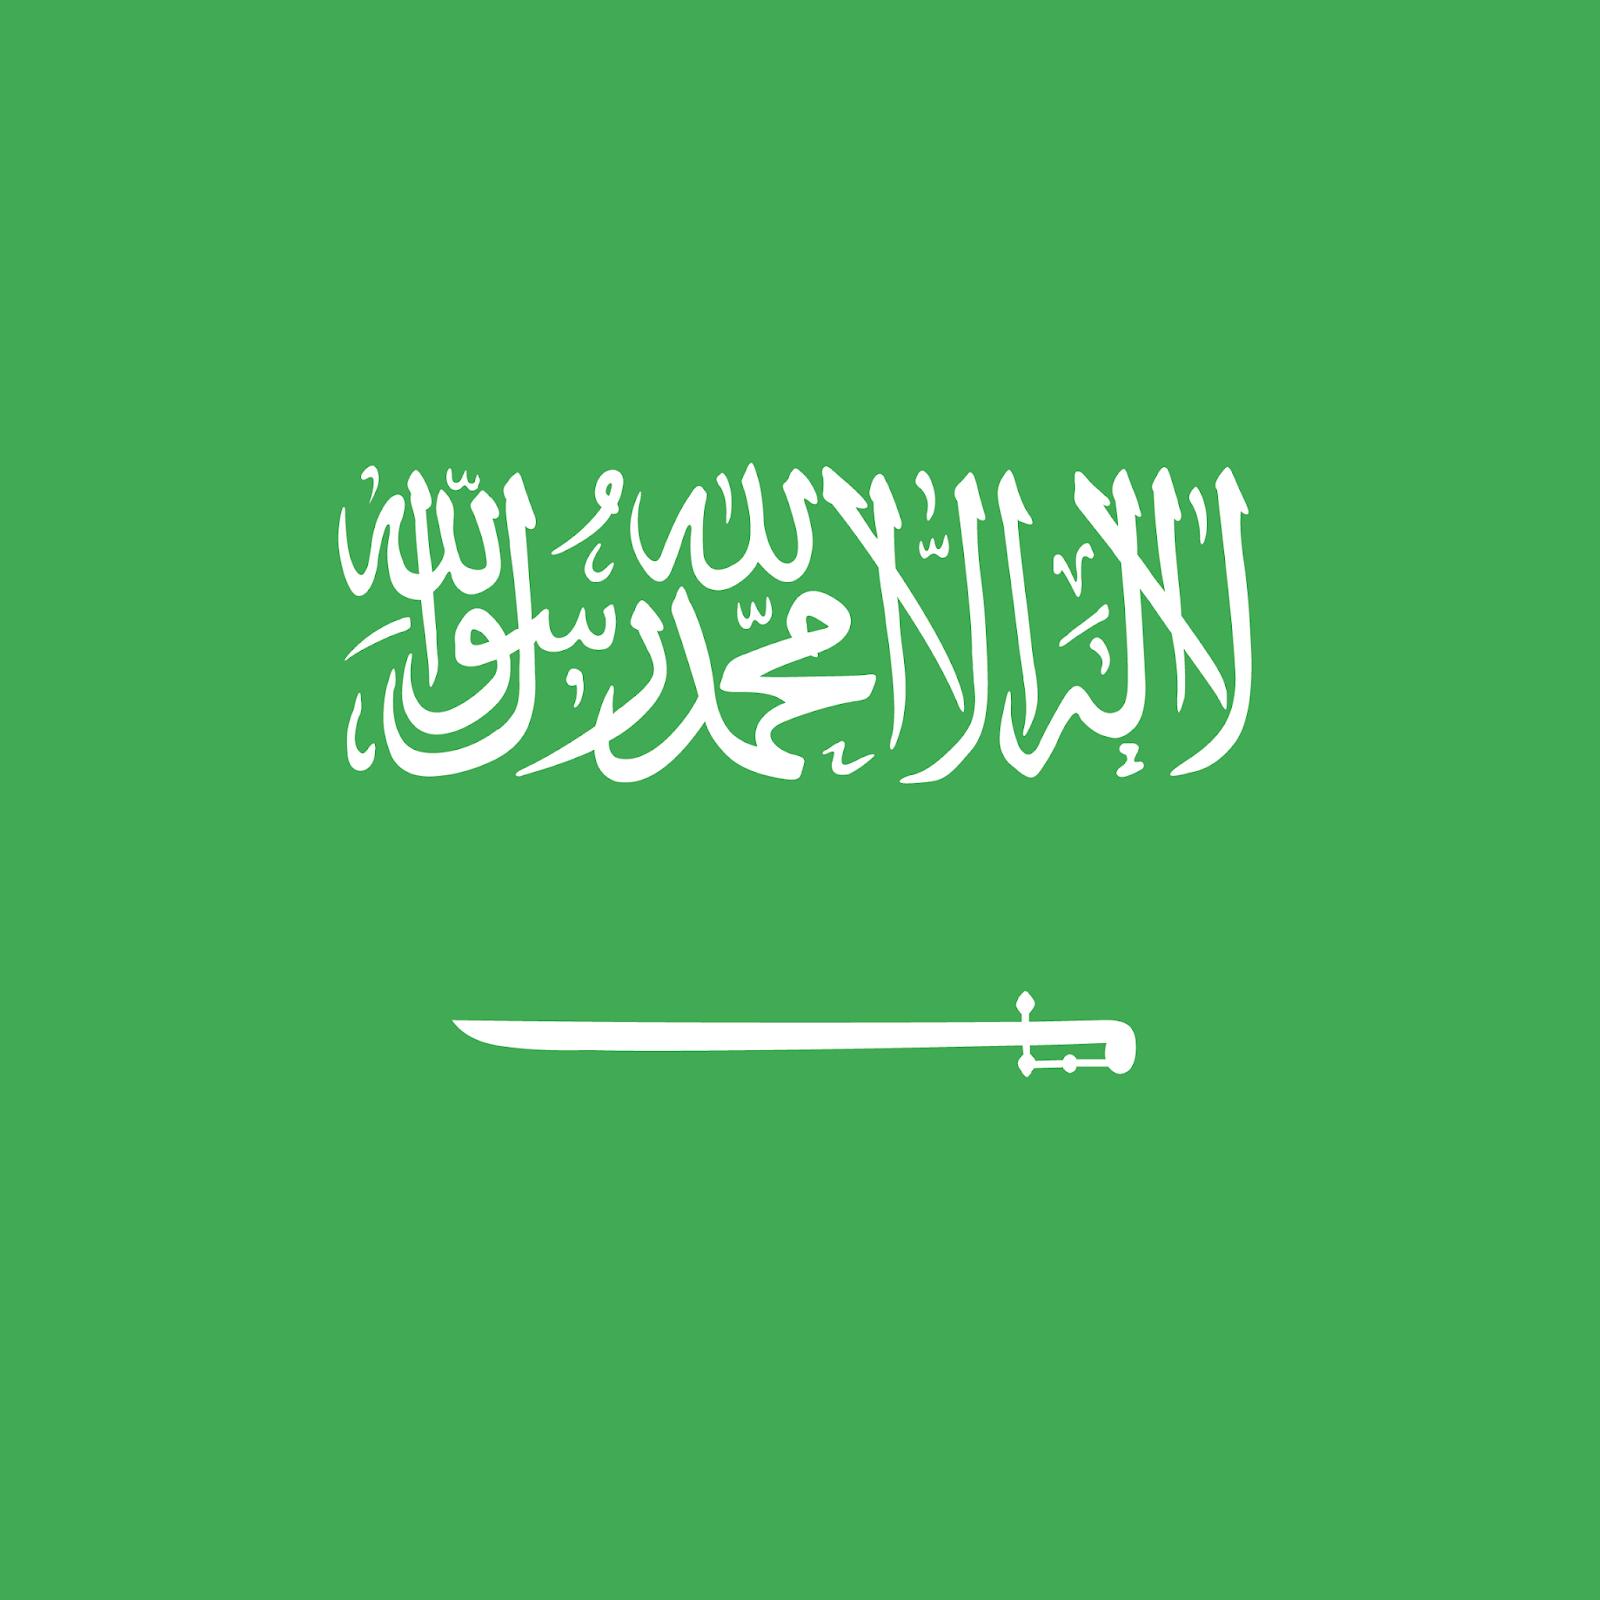 بالصور صور علم السعوديه , احدث صور لعلم دولة السعودية 3268